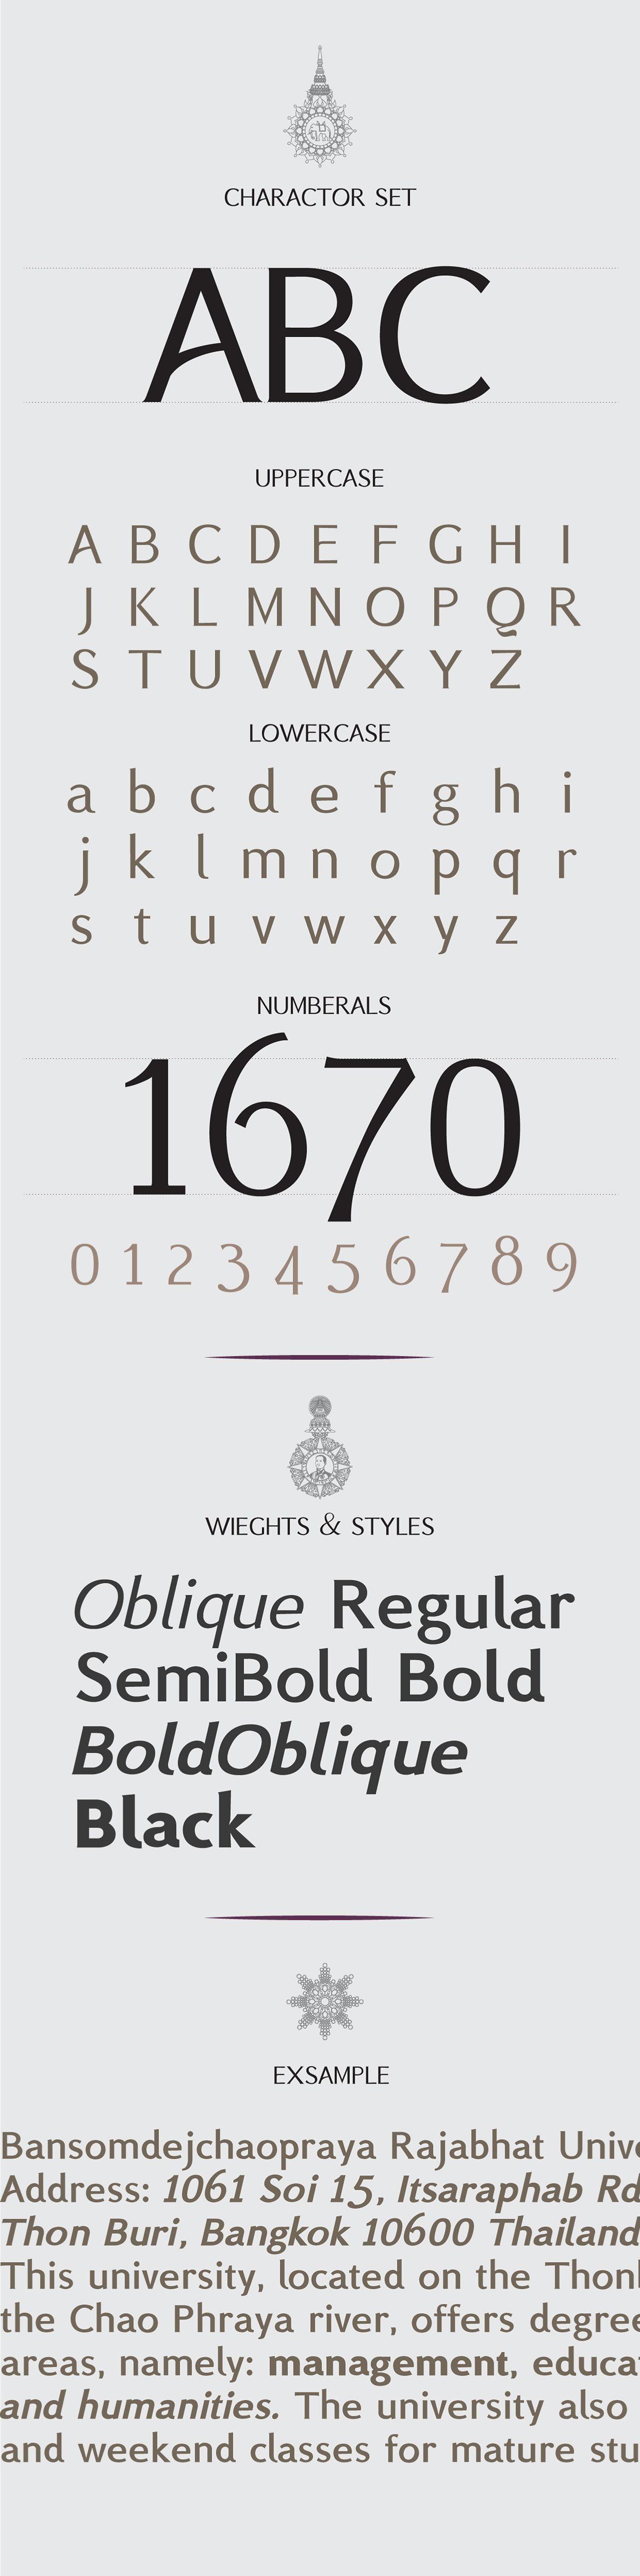 BSRU BANSOMDEJ Bold Oblique font